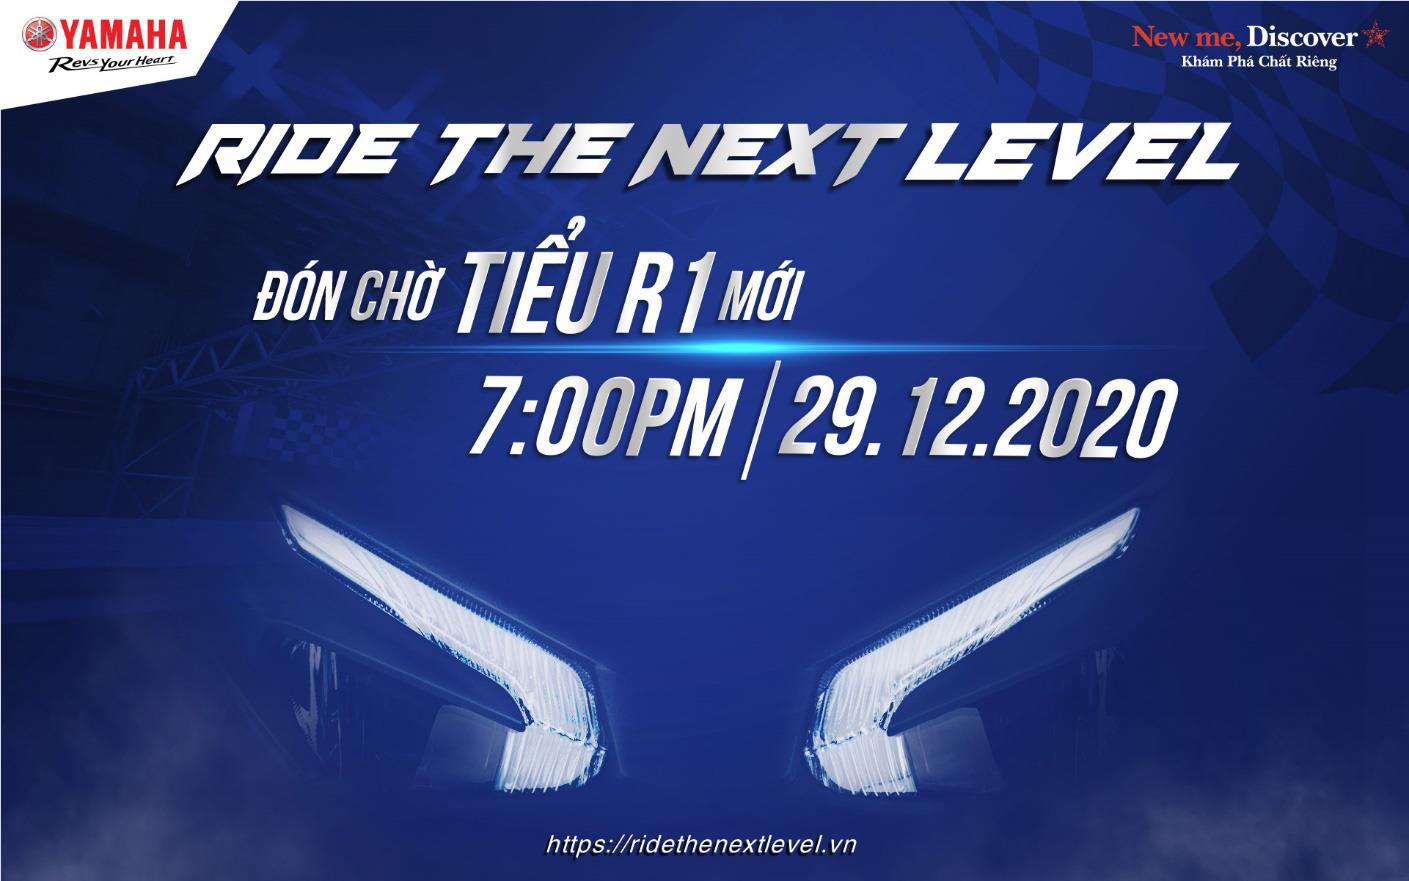 Yamaha Motor Việt Nam cùng fan đếm ngược giờ G, chờ màn hé lộ siêu phẩm xe thể thao Tiểu YZF-R1 mới - Ảnh 1.